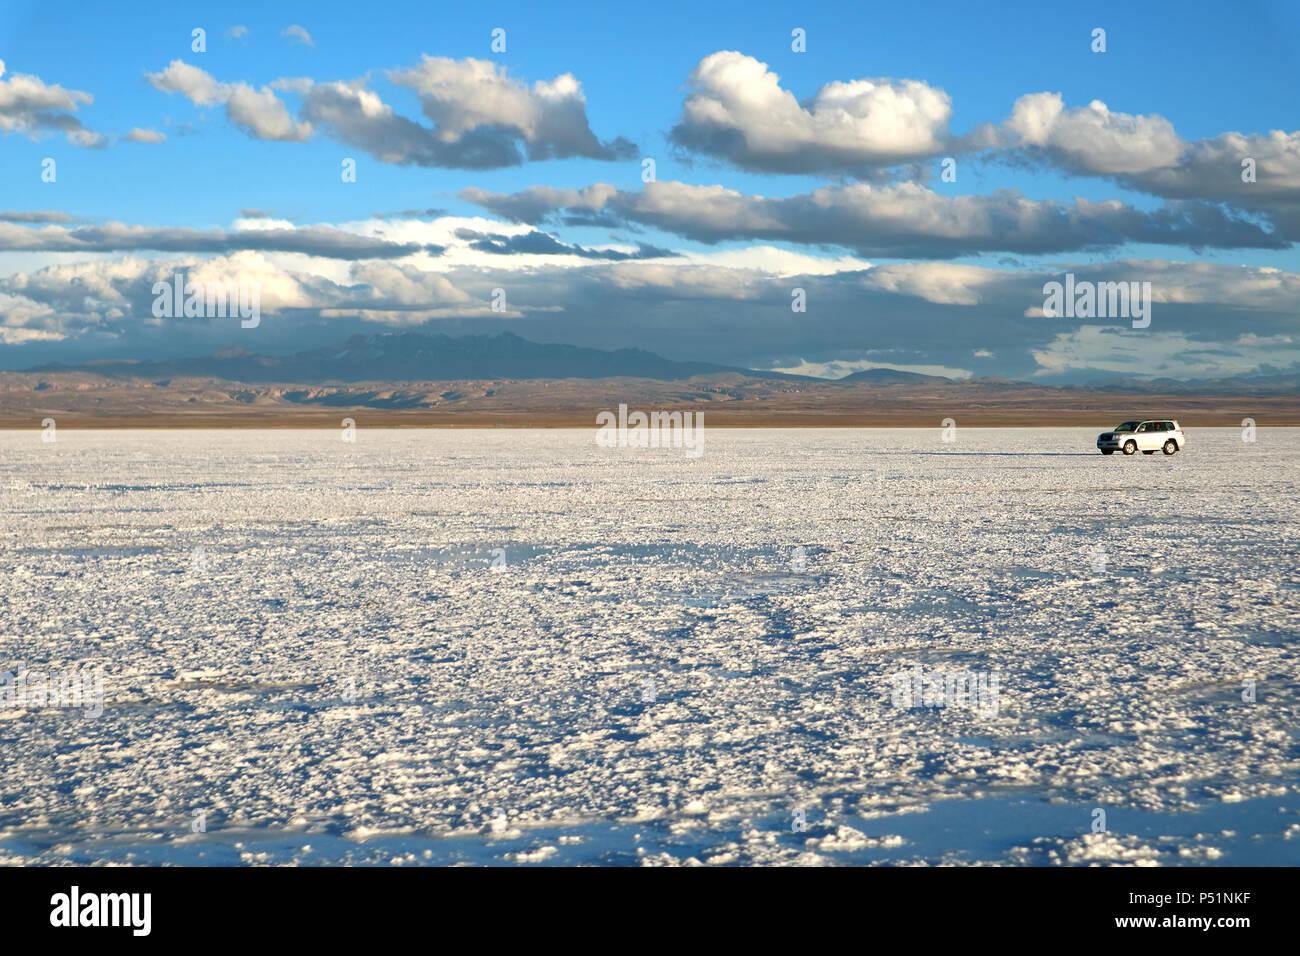 Fahren auf Salar de Uyuni oder Uyuni Salze Wohnungen, Bolivien, Südamerika, UNESCO Weltkulturerbe Stockbild